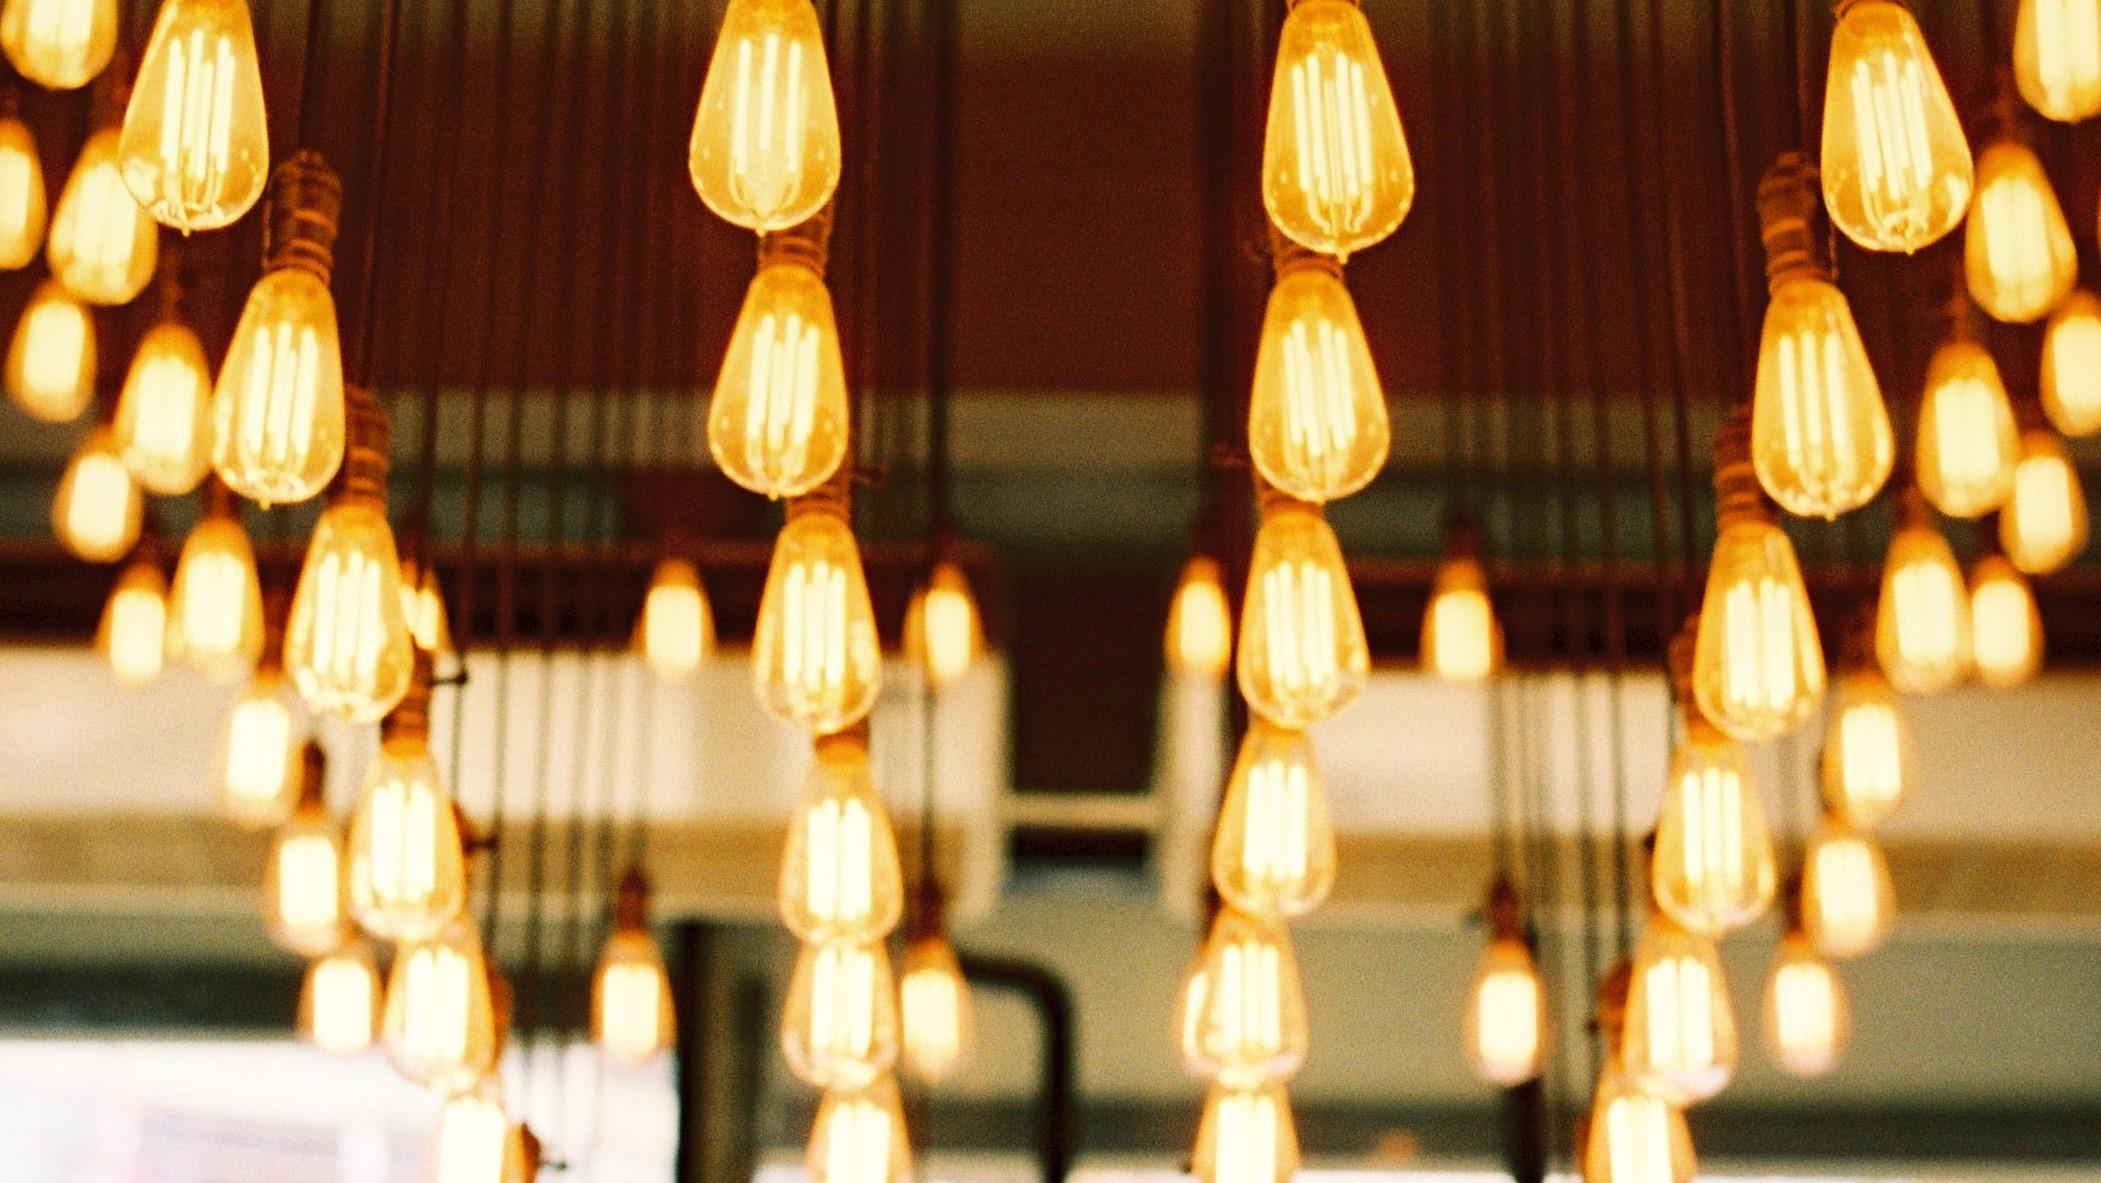 Kommunale åbne energidata har værdipotentiale